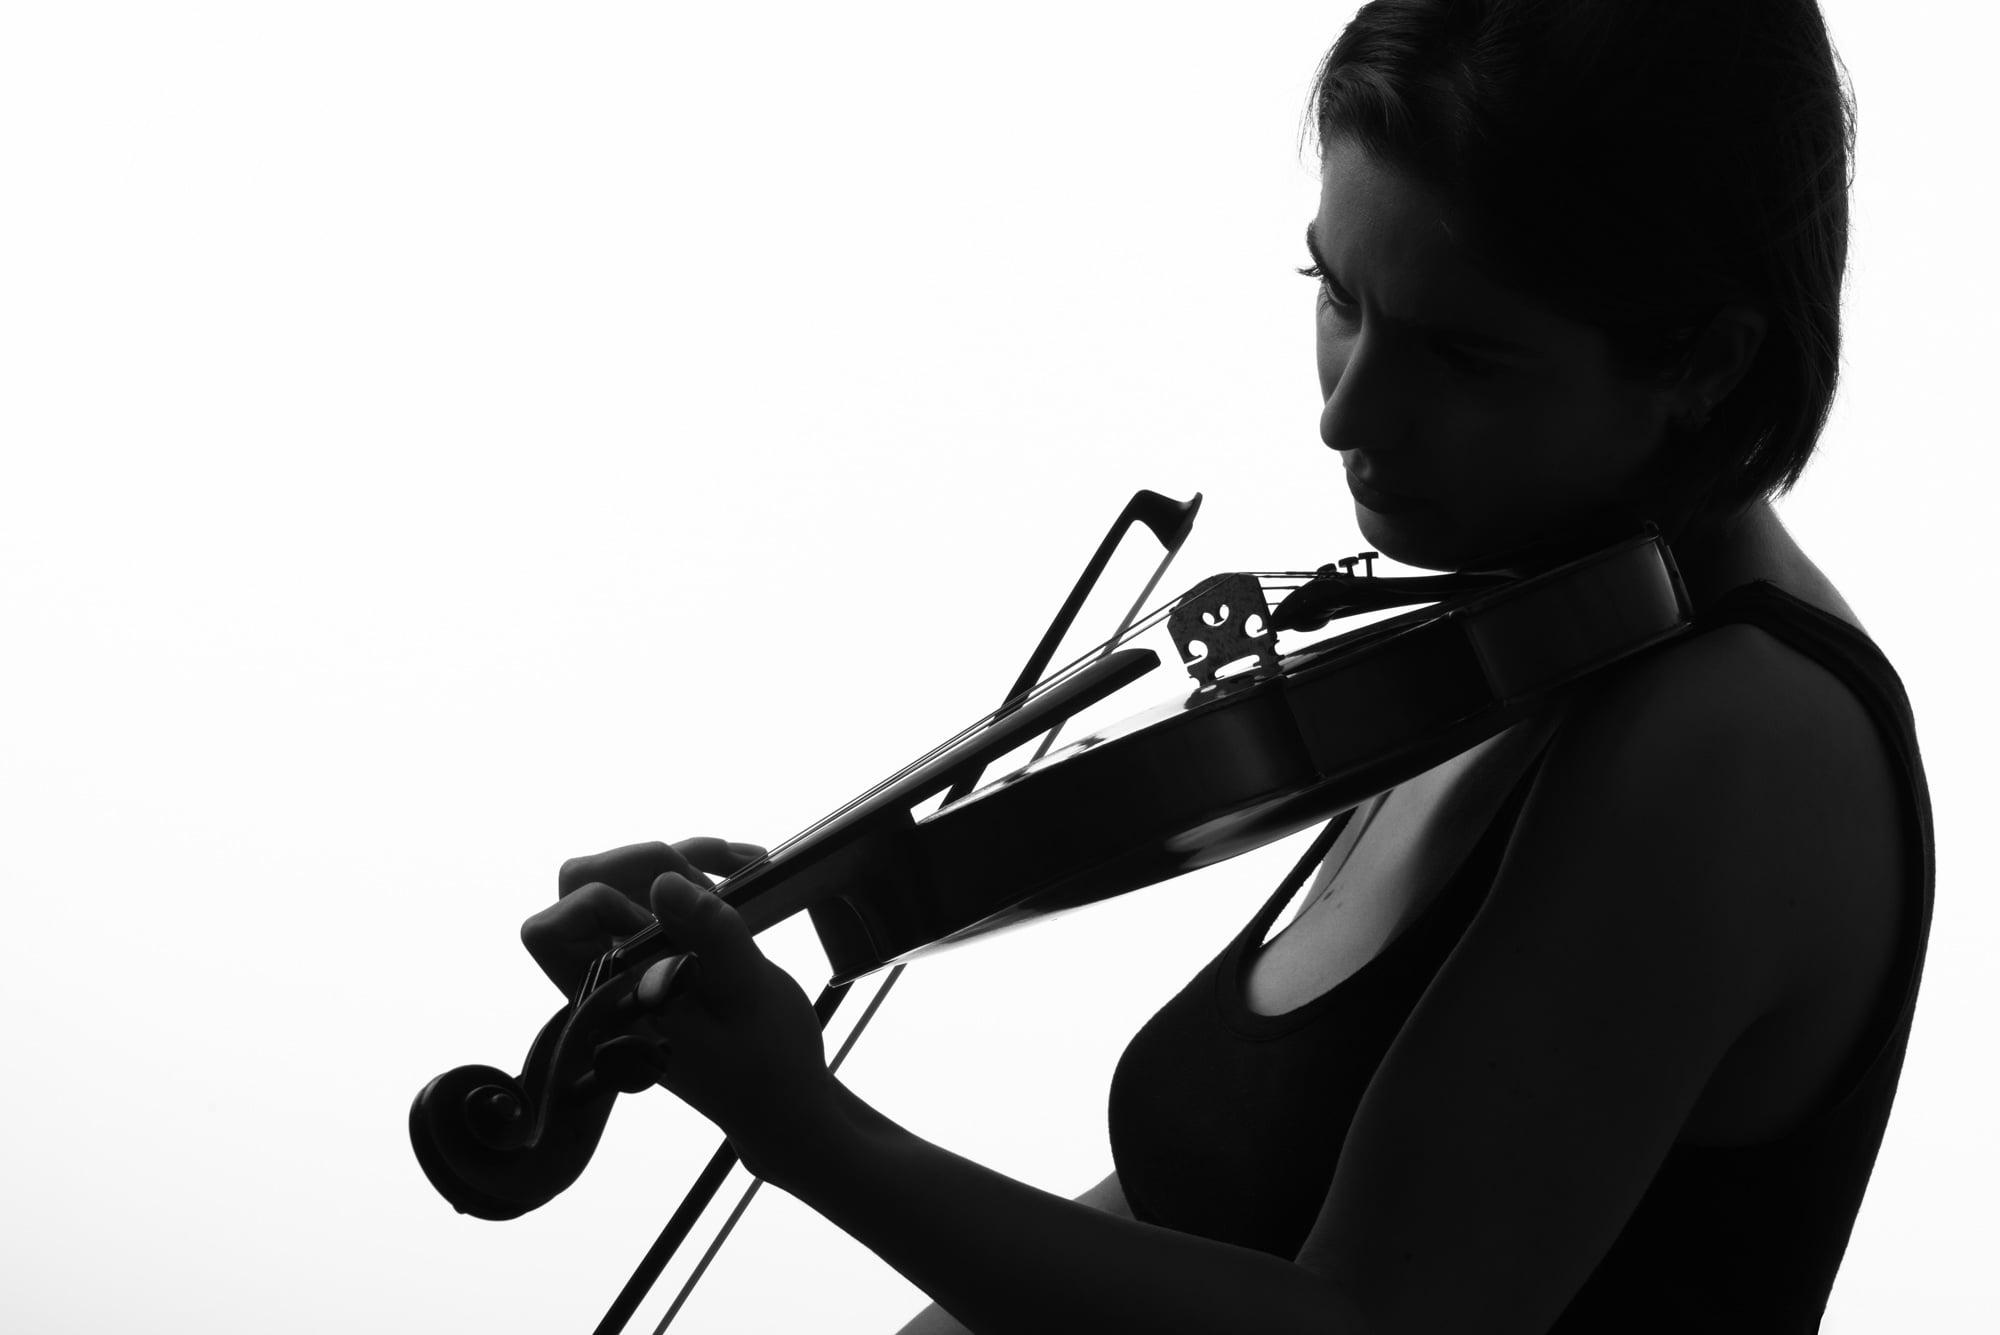 Brazilian concert violinist Manoela Wunder in studio